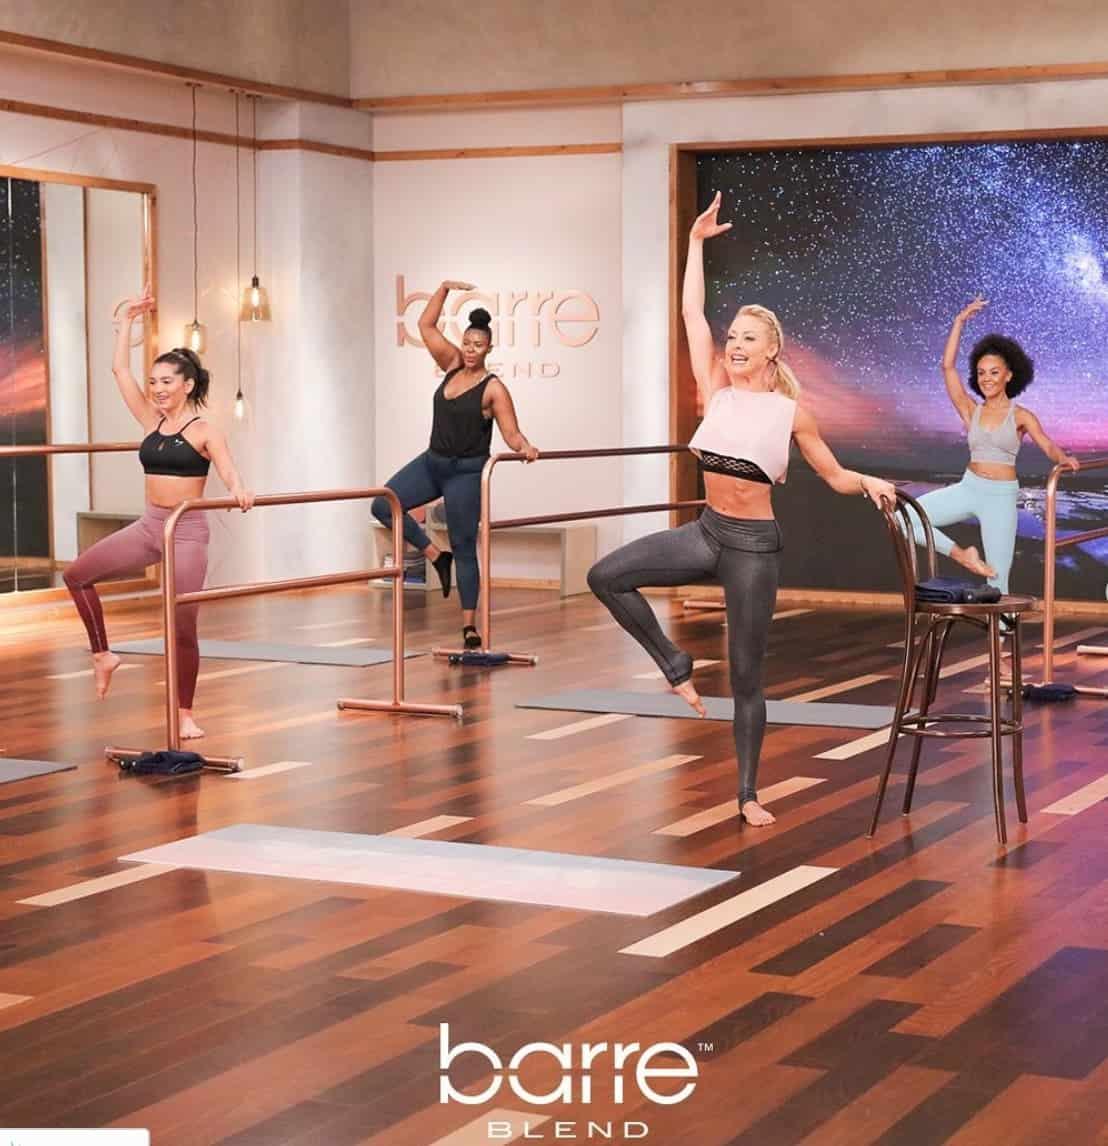 Elise doing Barre Blend